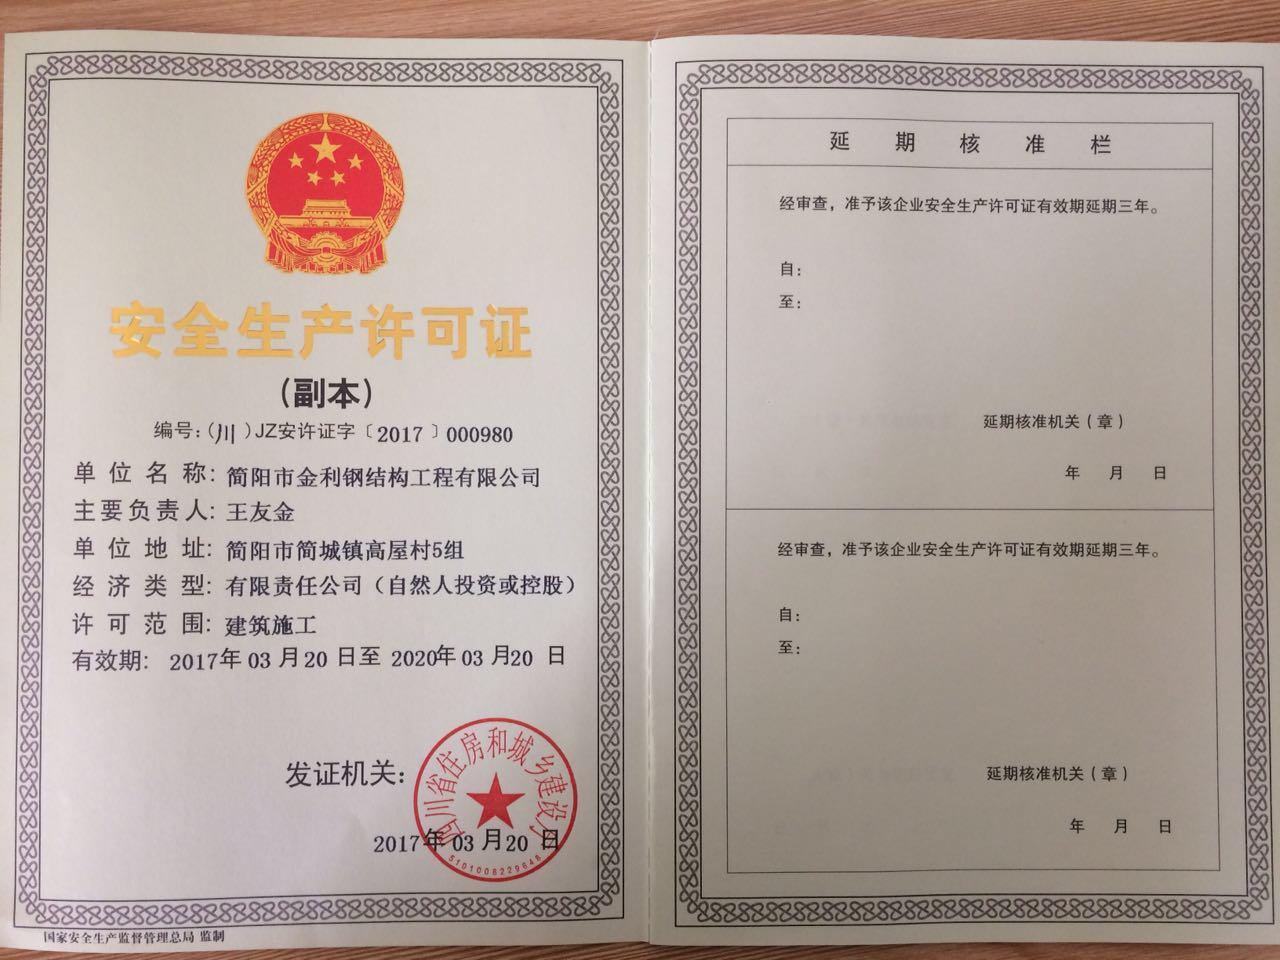 简阳市金利安全生产许可证副本